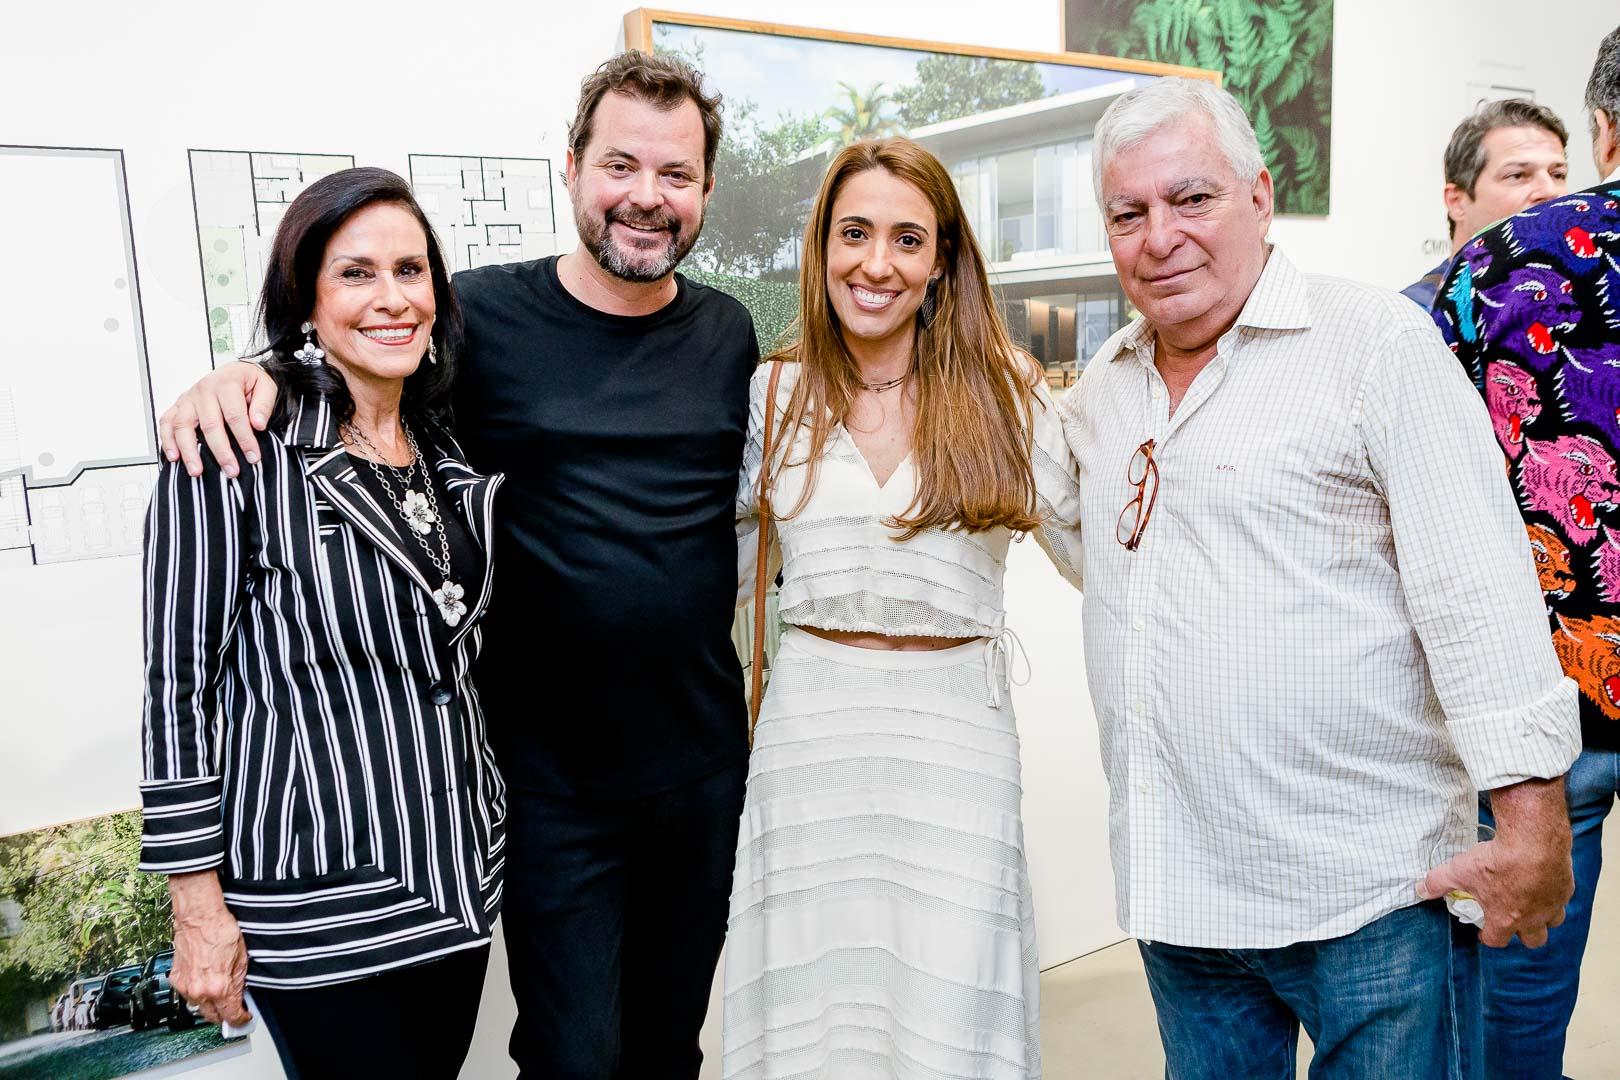 Beth Pinto Guimaraes Miguel Pinto Guimar